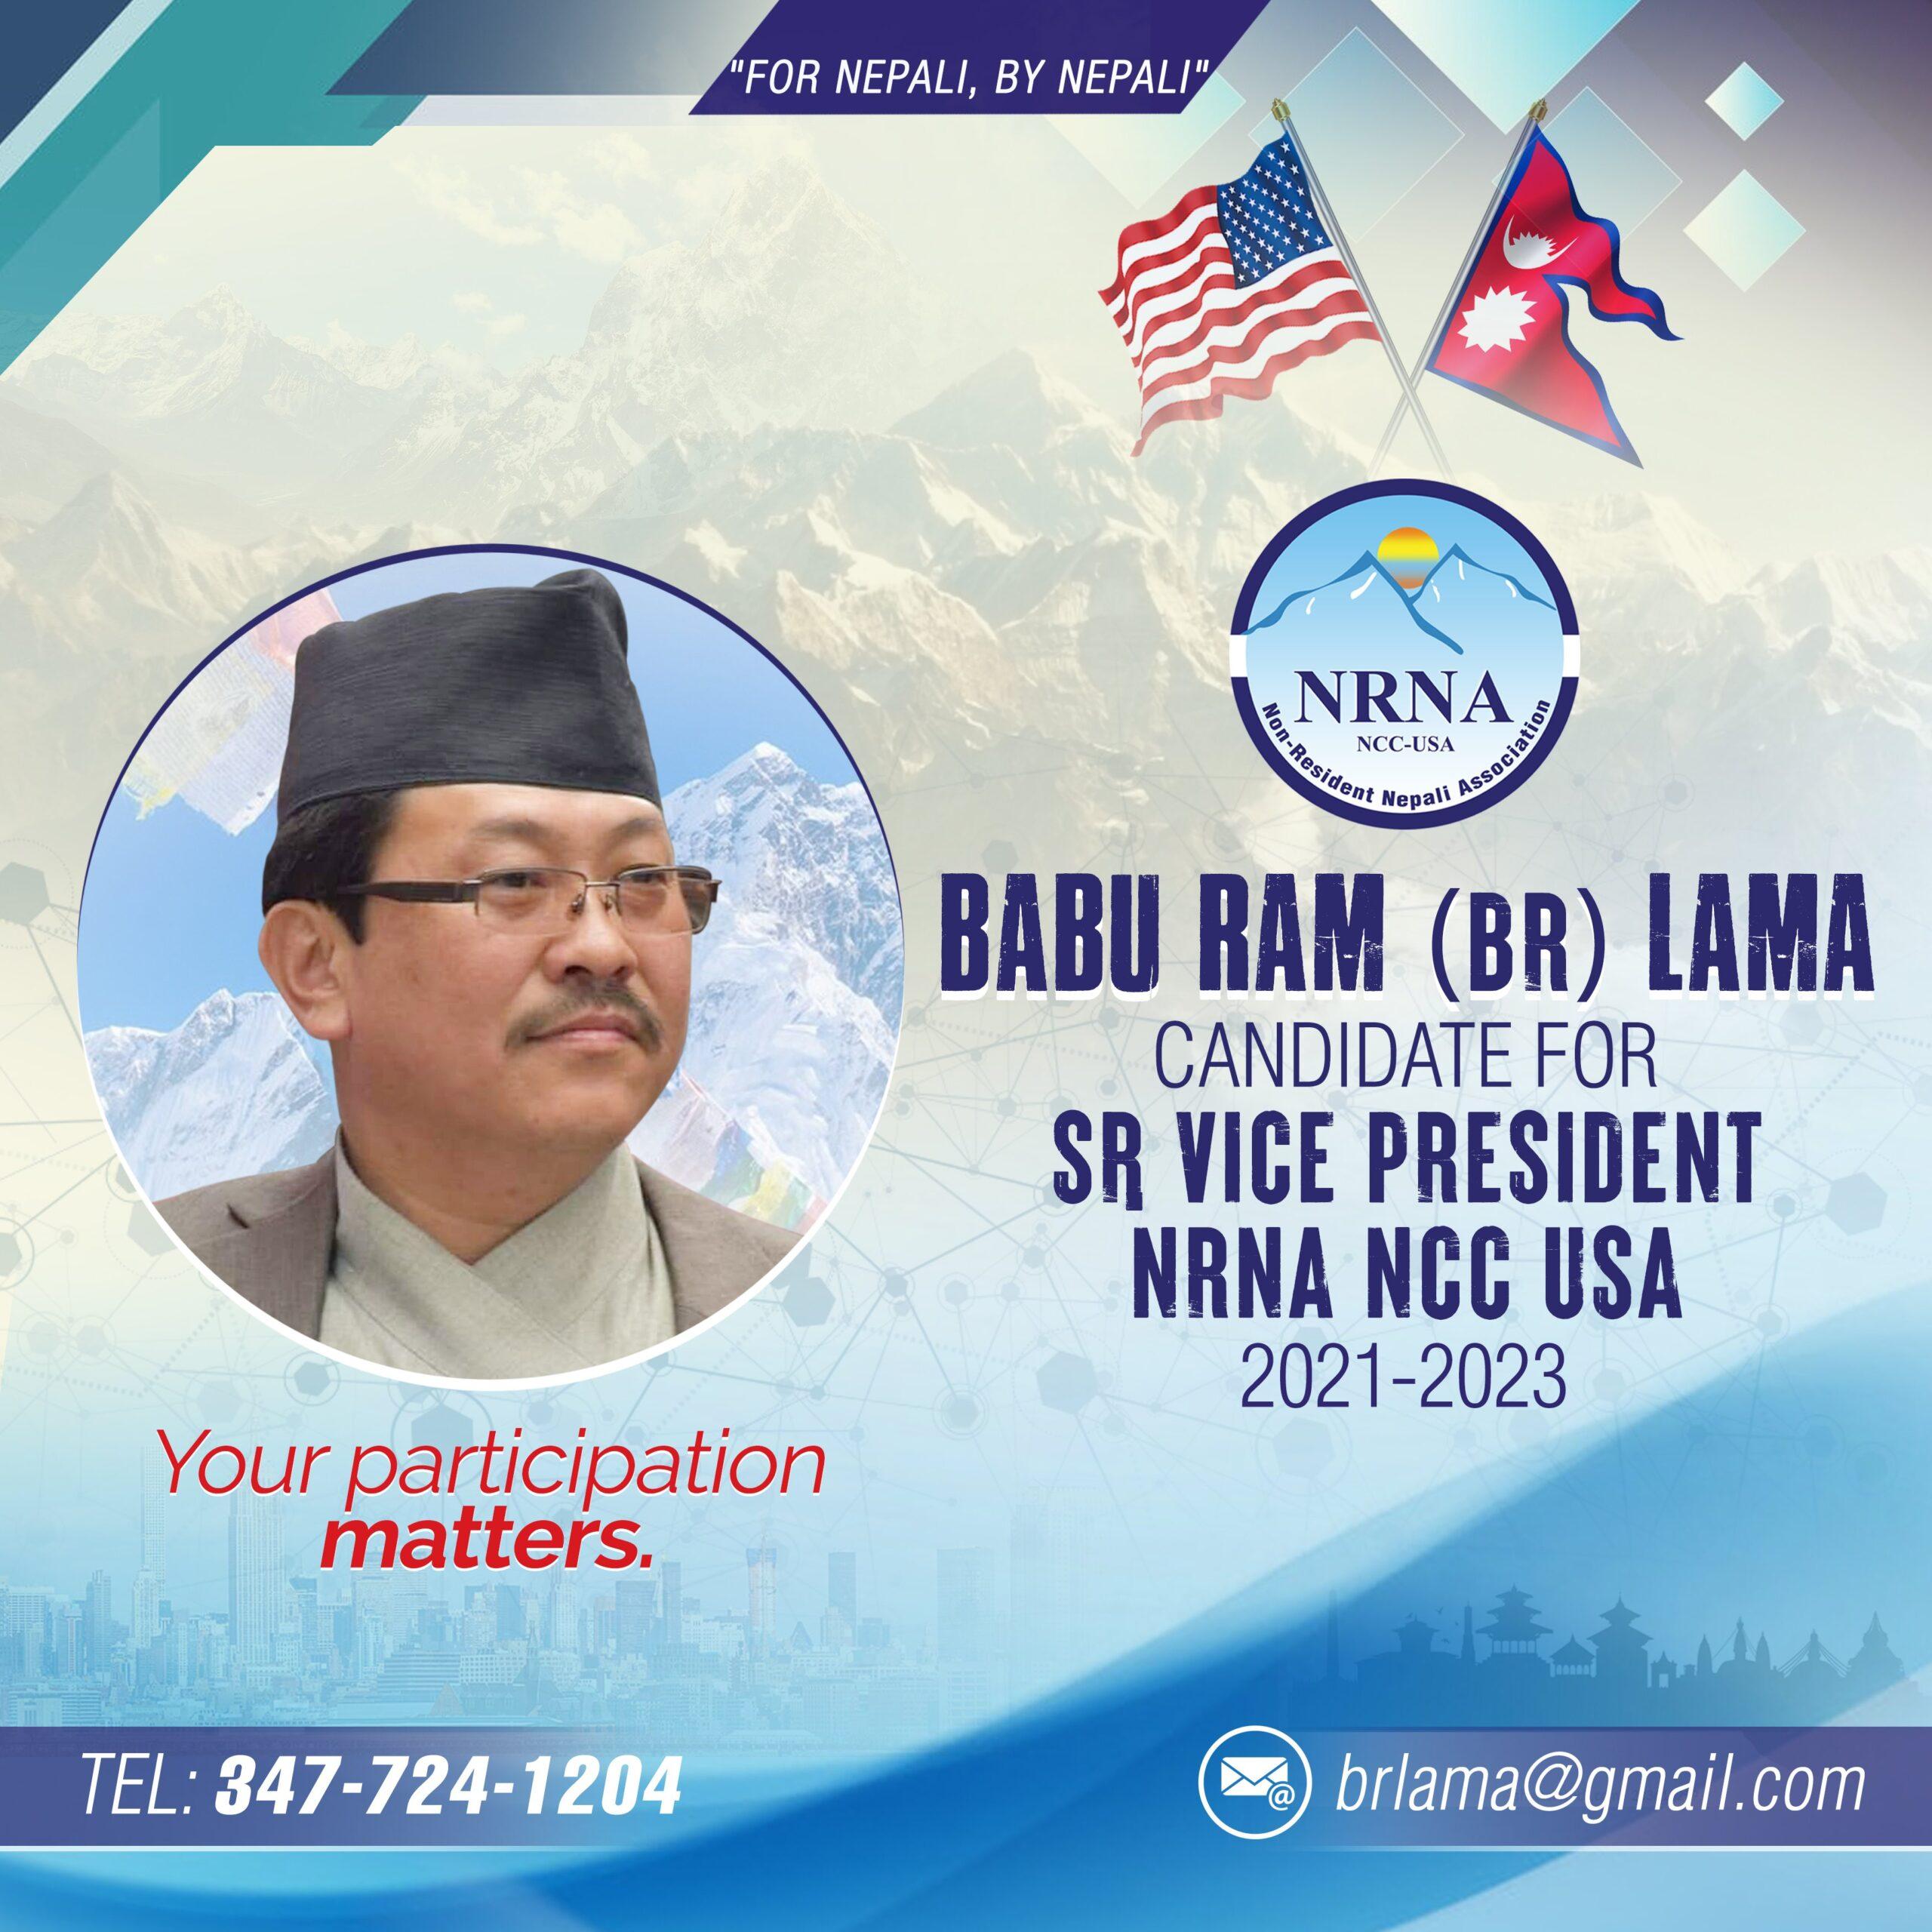 बि आर लामा, एनआरएनए अमेरिकाको वरिष्ठ उपाध्यक्ष पदमा निर्वाचन लड्ने